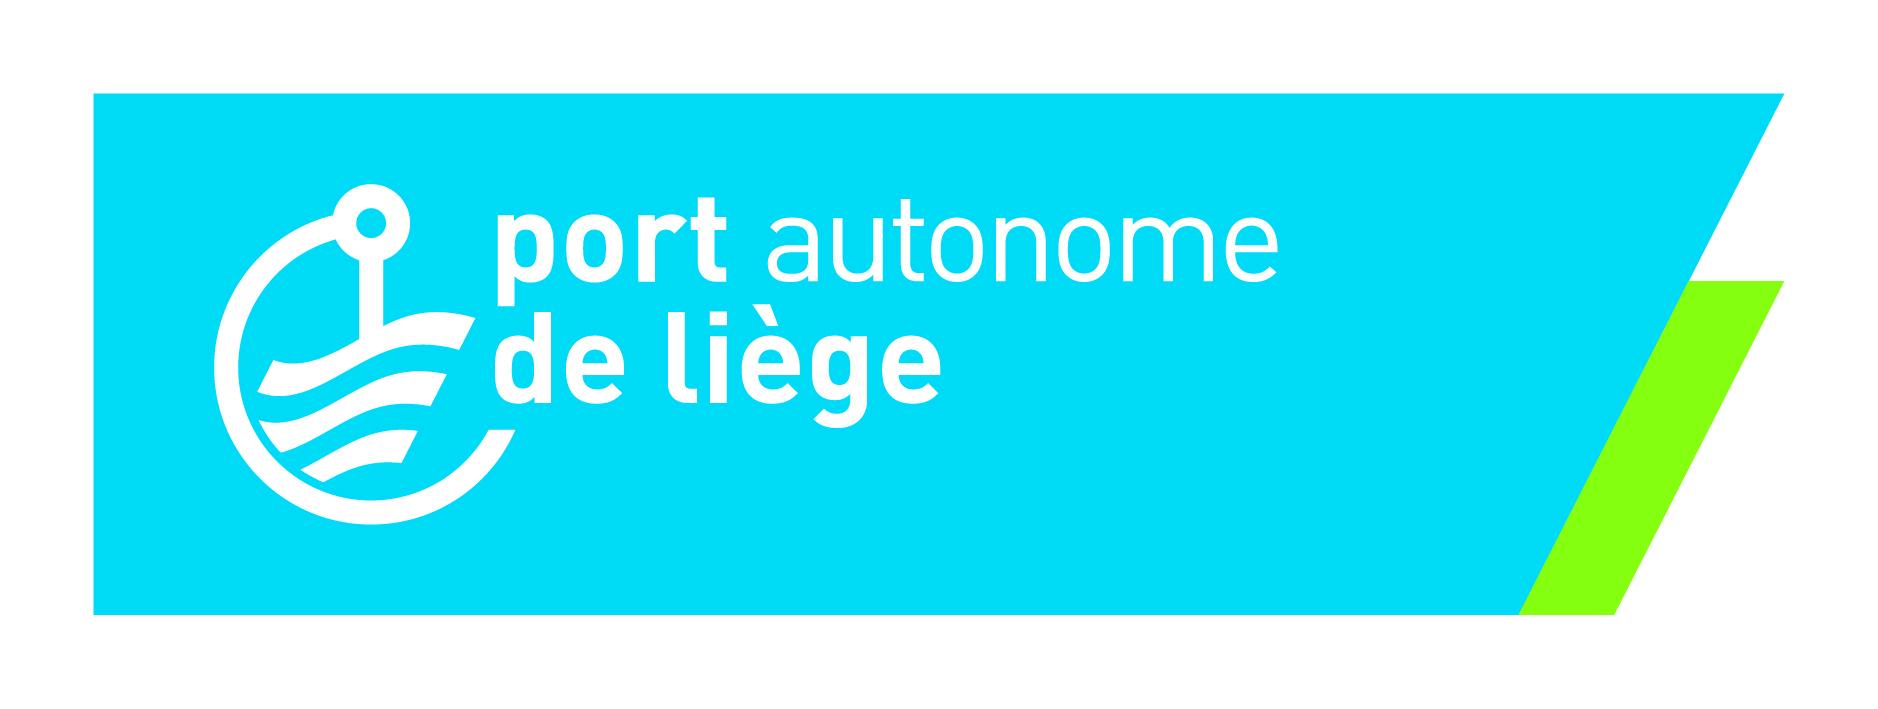 PORT AUTONOME DE LIEGE